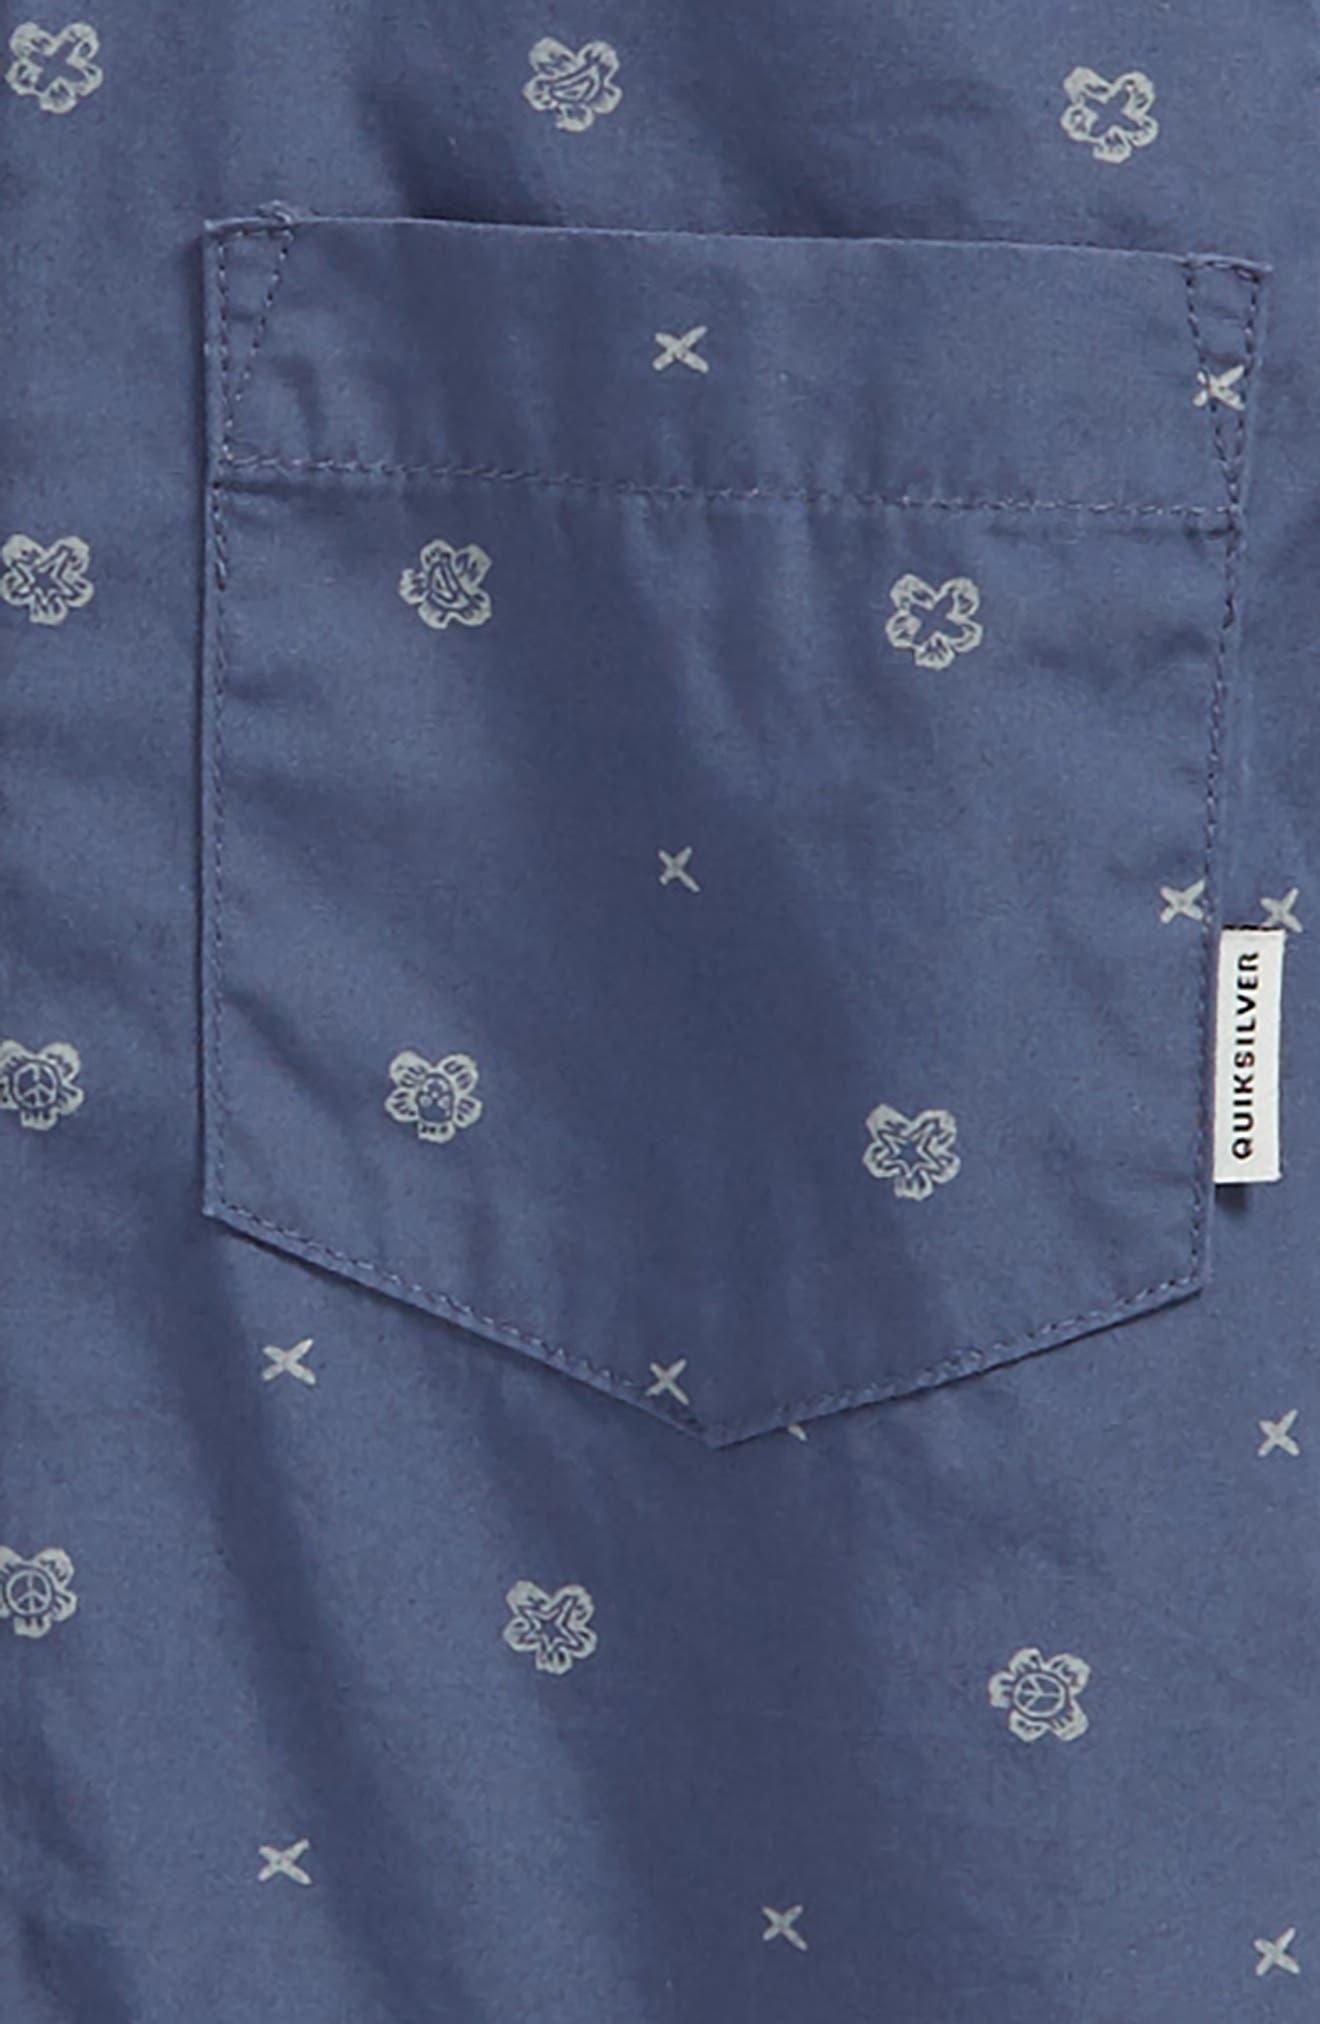 Kamanoa Woven Shirt,                             Alternate thumbnail 2, color,